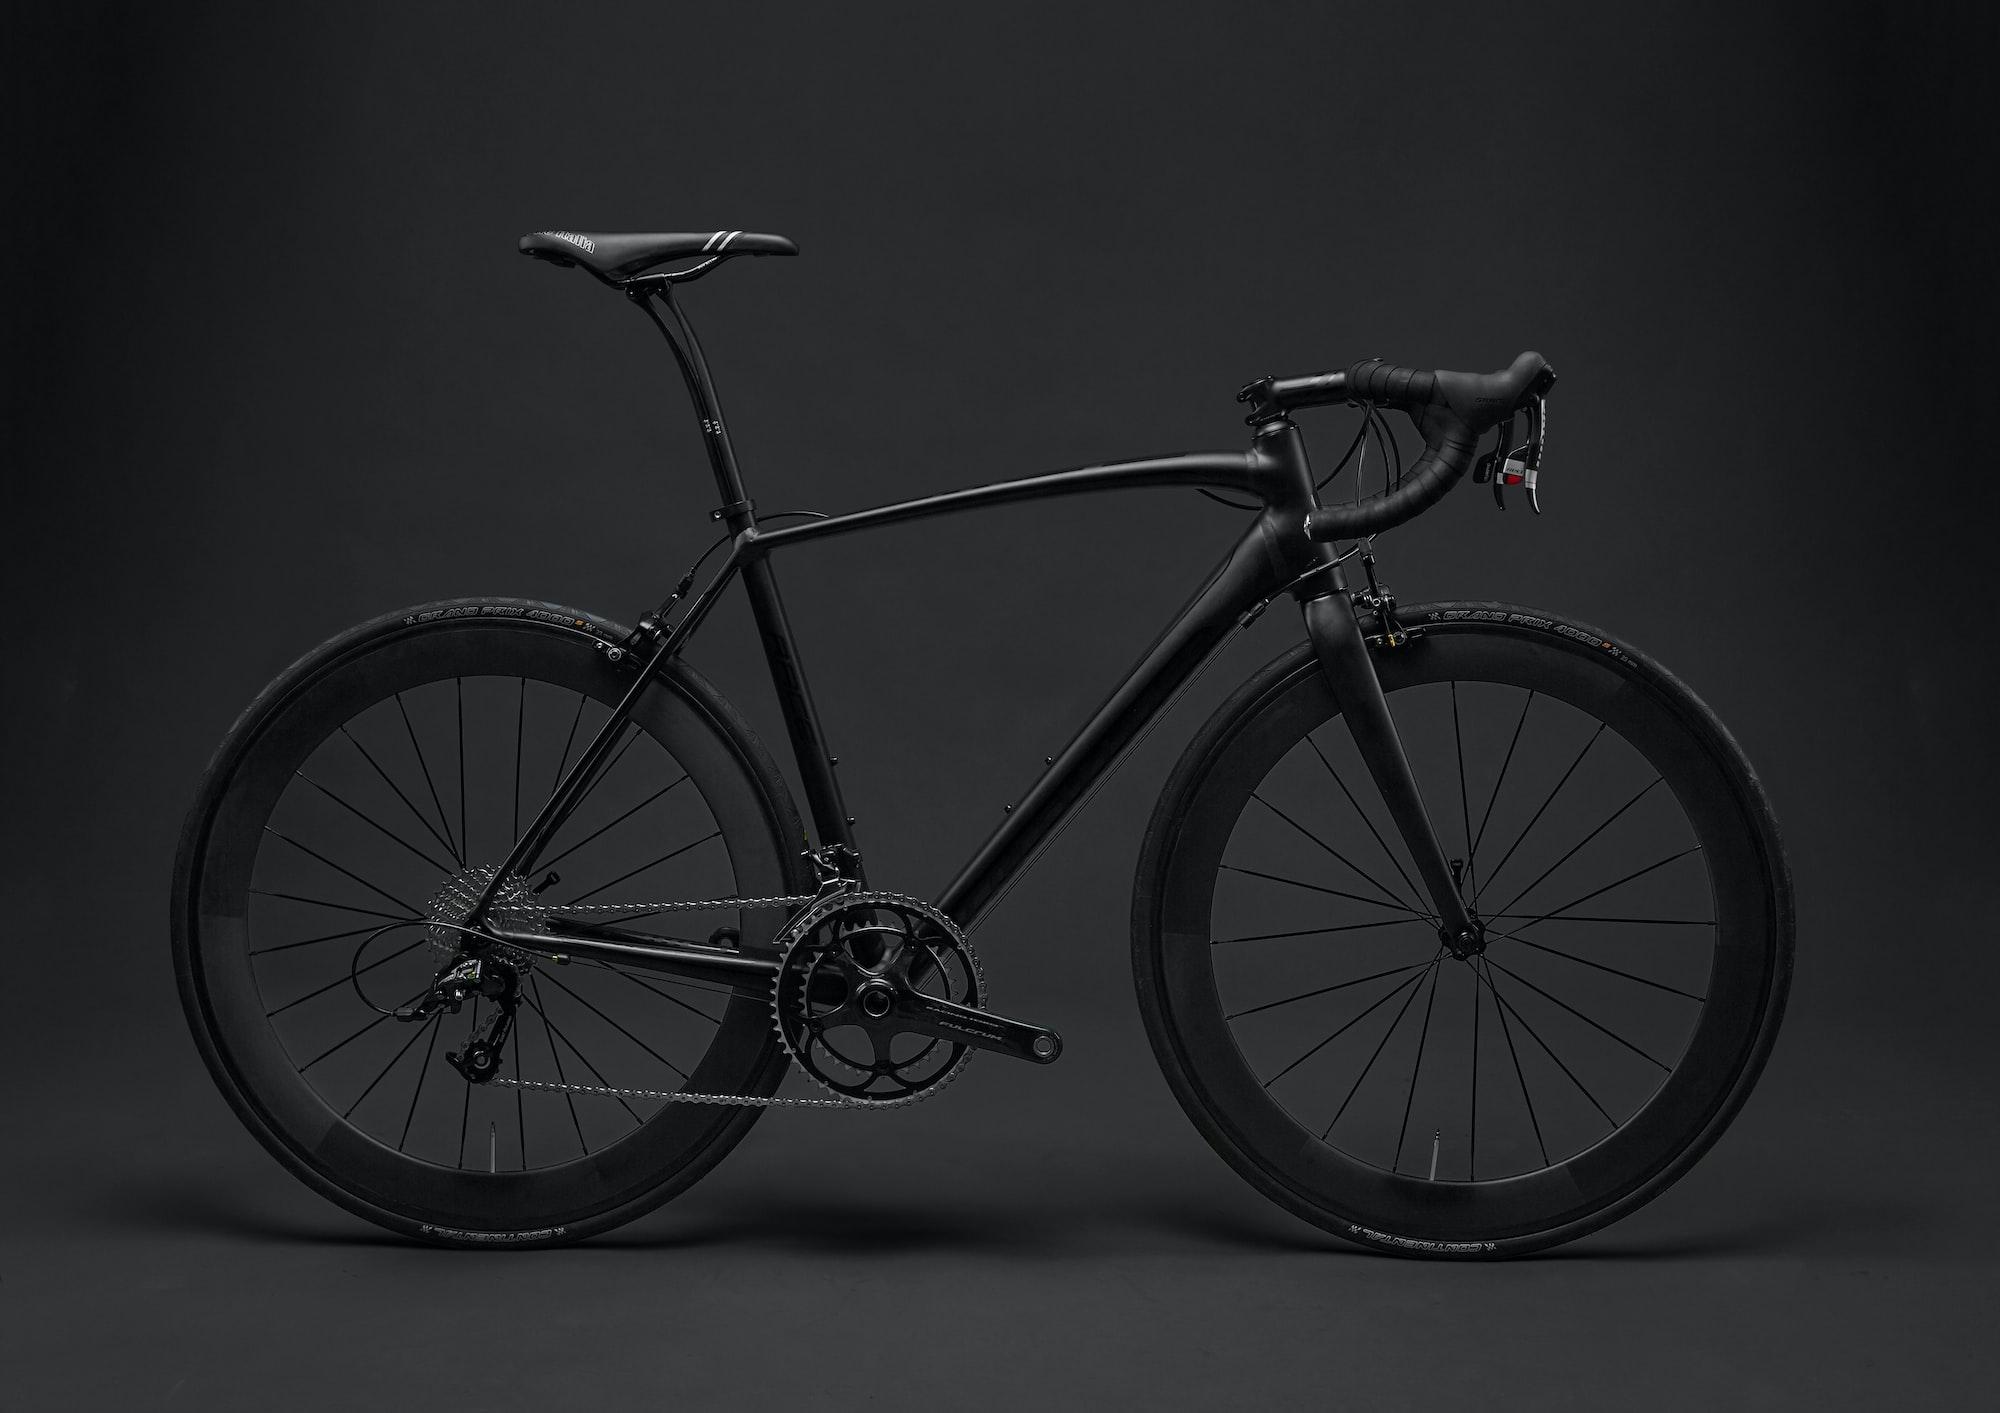 🚴♀️ Bikes